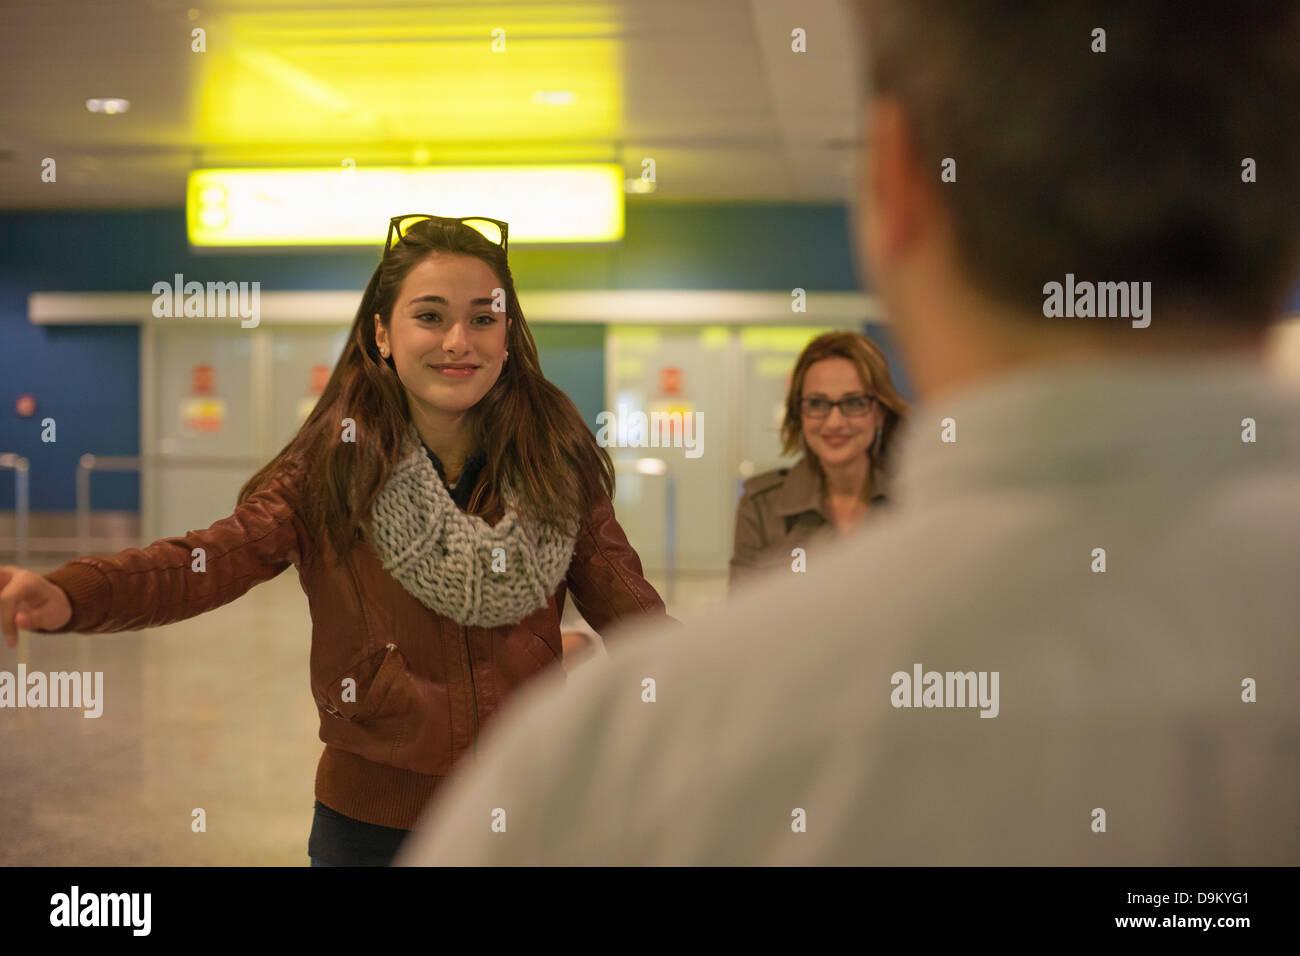 Ragazza adolescente di arrivare in aeroporto, uomo in primo piano Immagini Stock